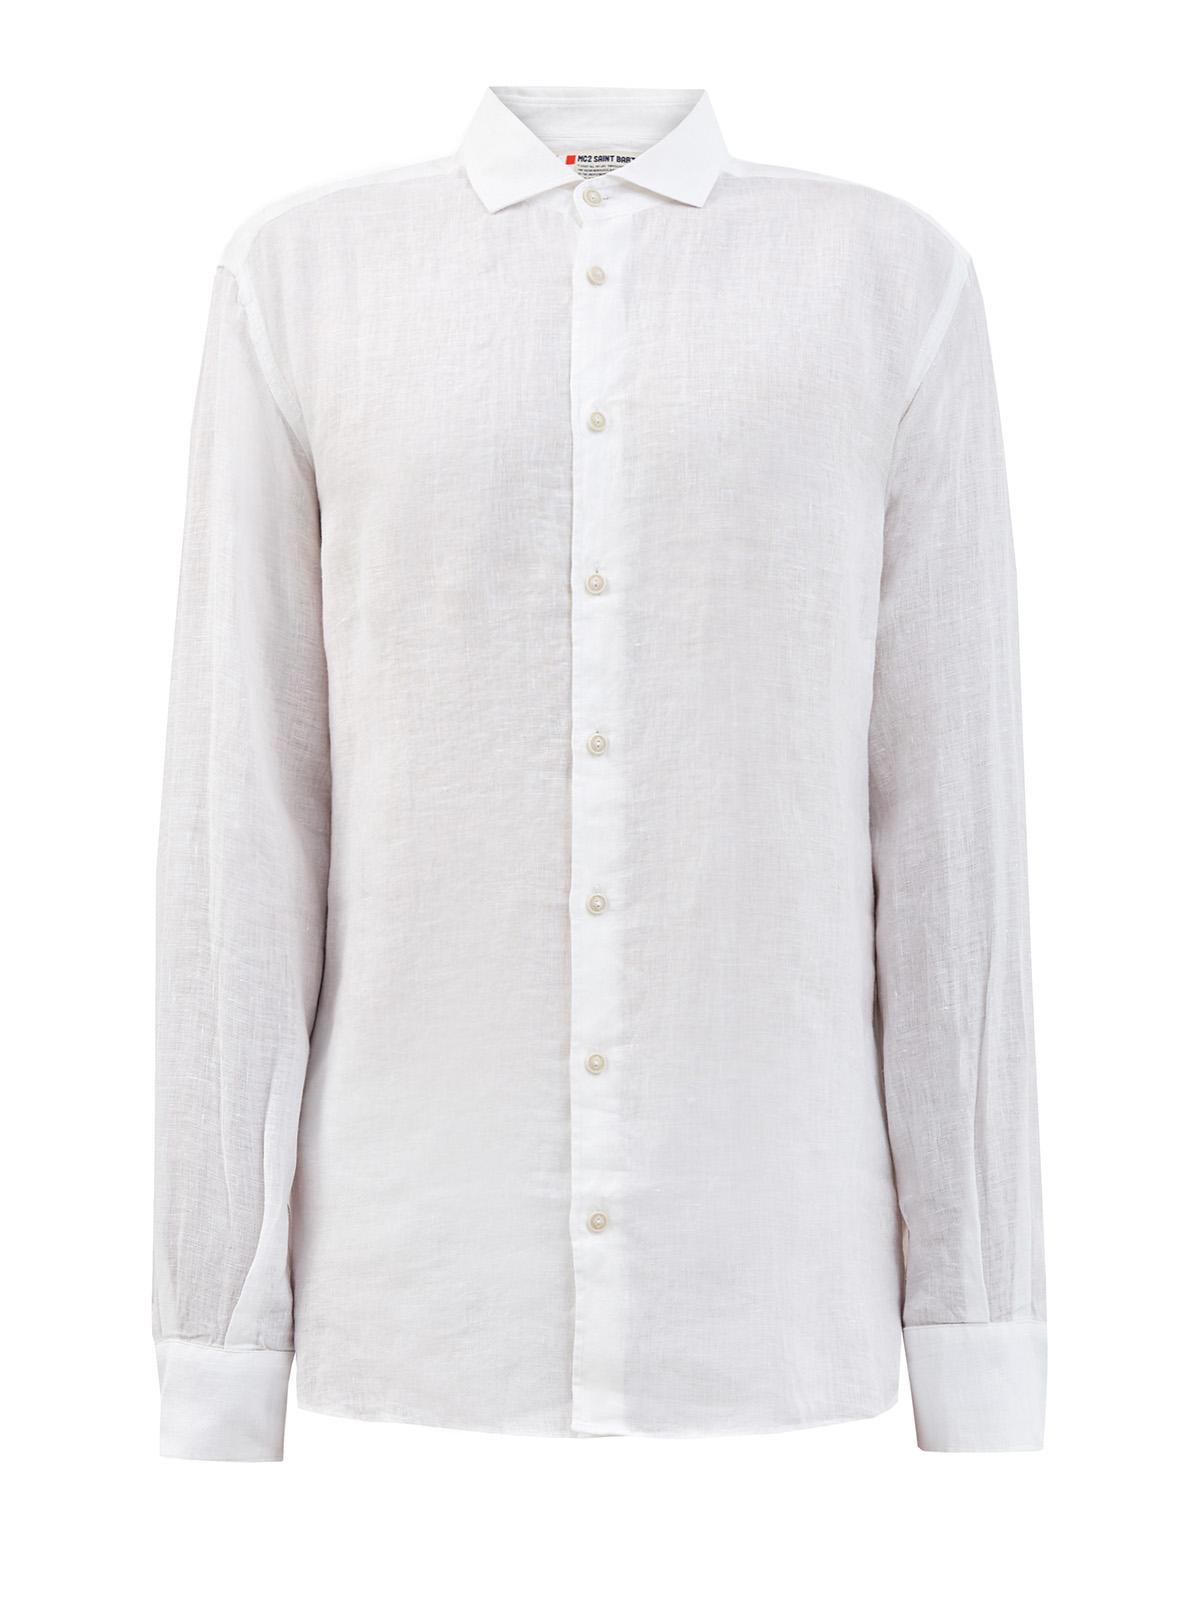 Рубашка из белого льна с неоднородной текстурой